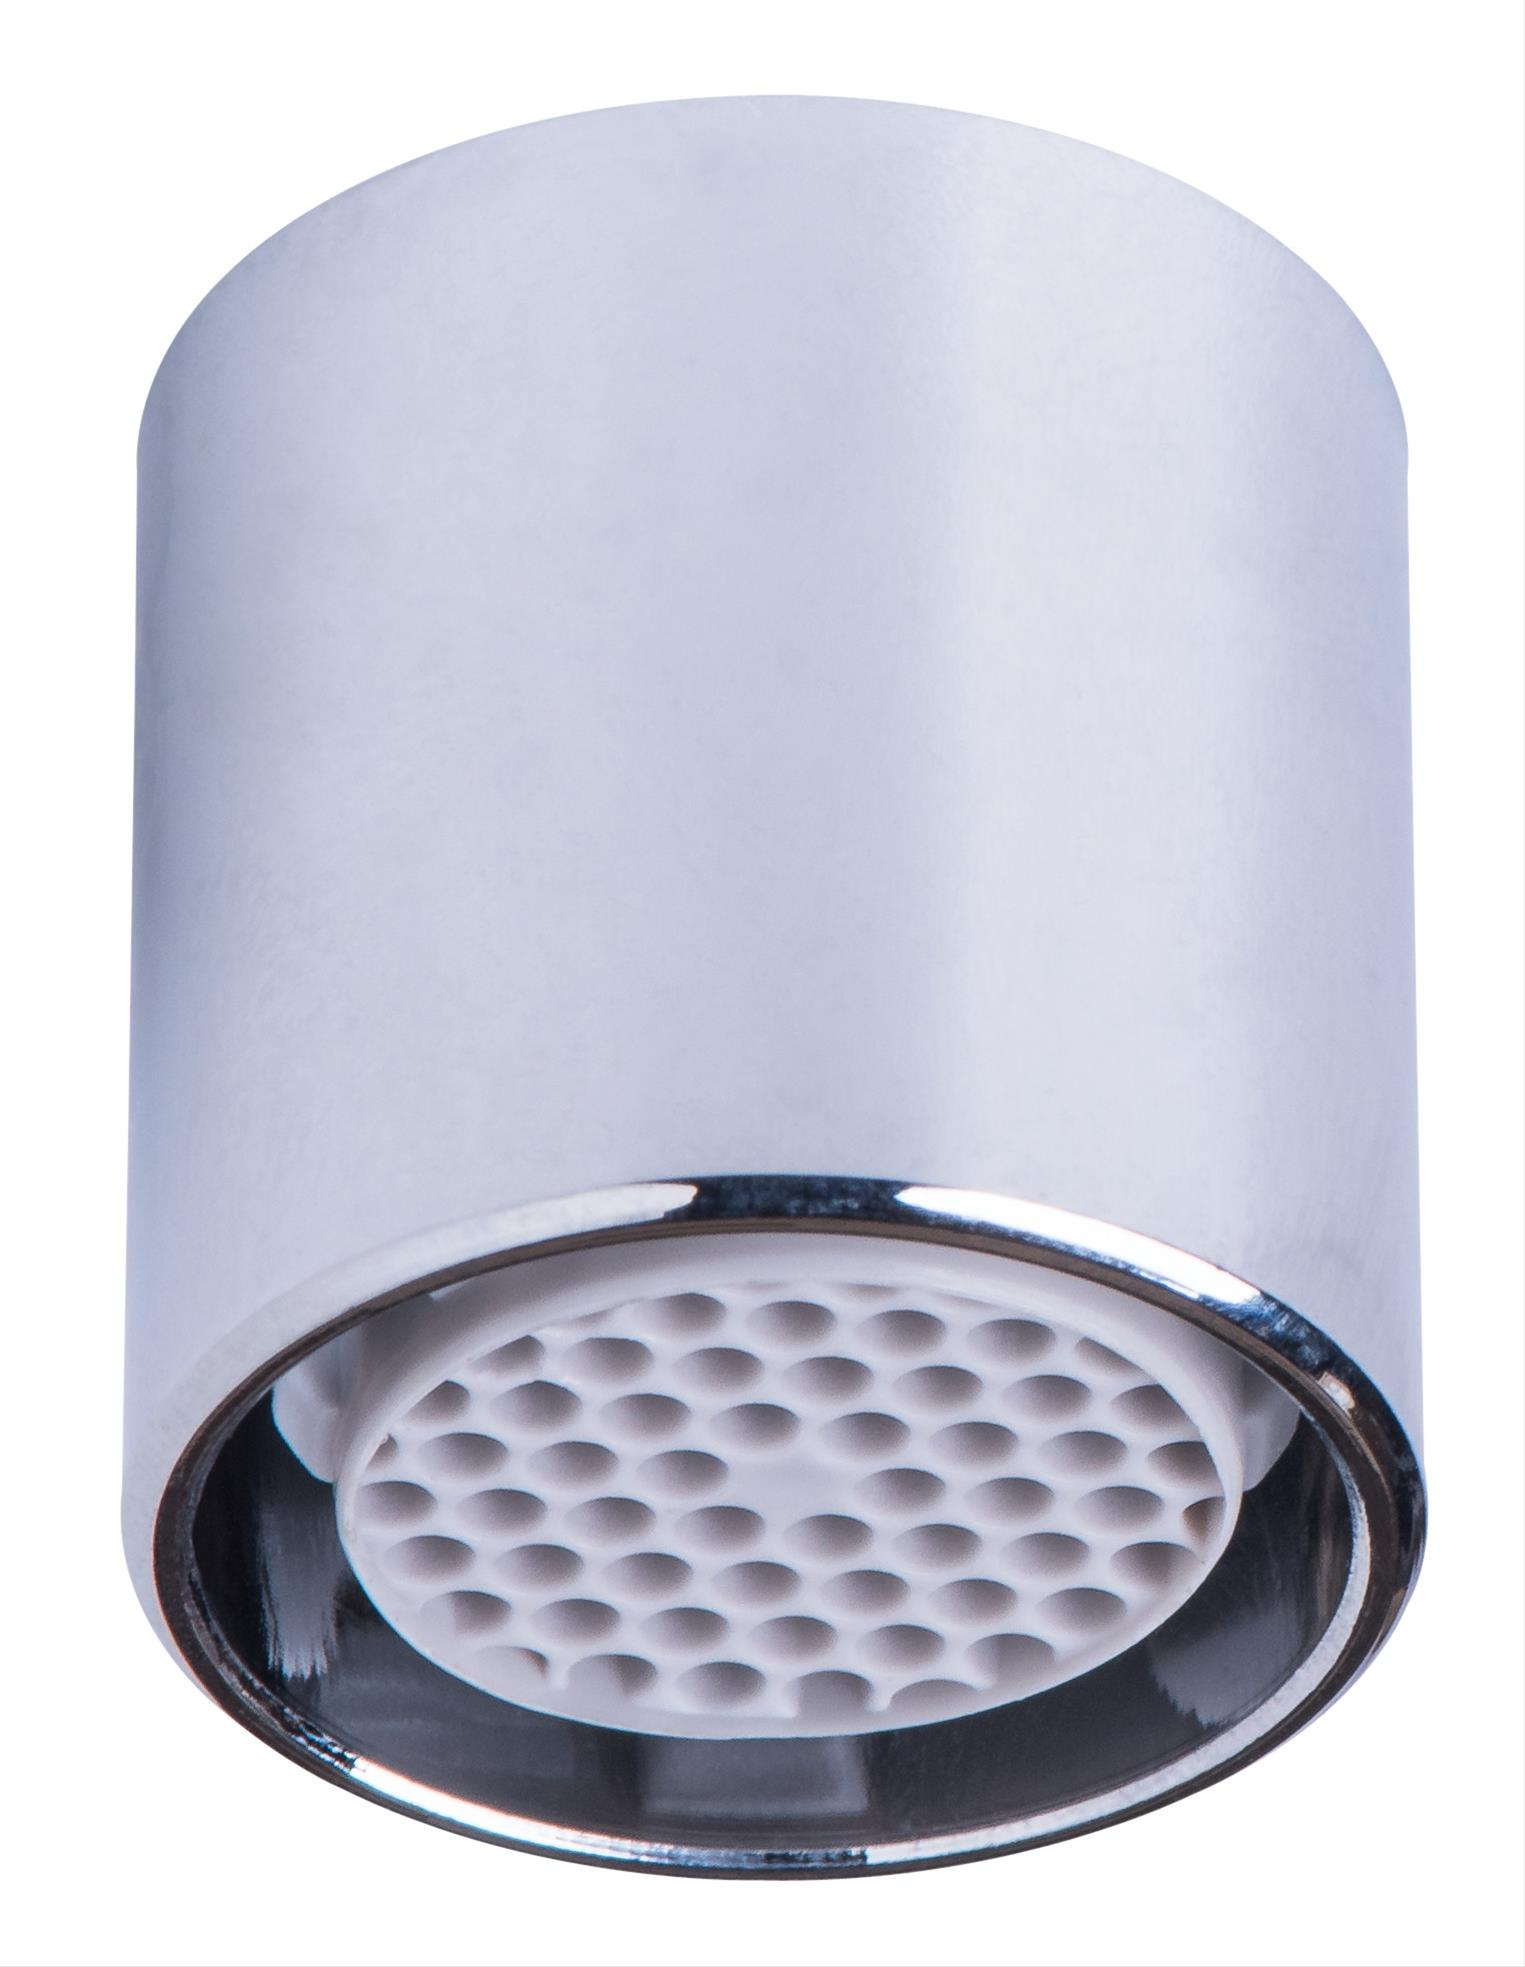 Spar-Strahlregler M16x1 IG 7L Bild 1